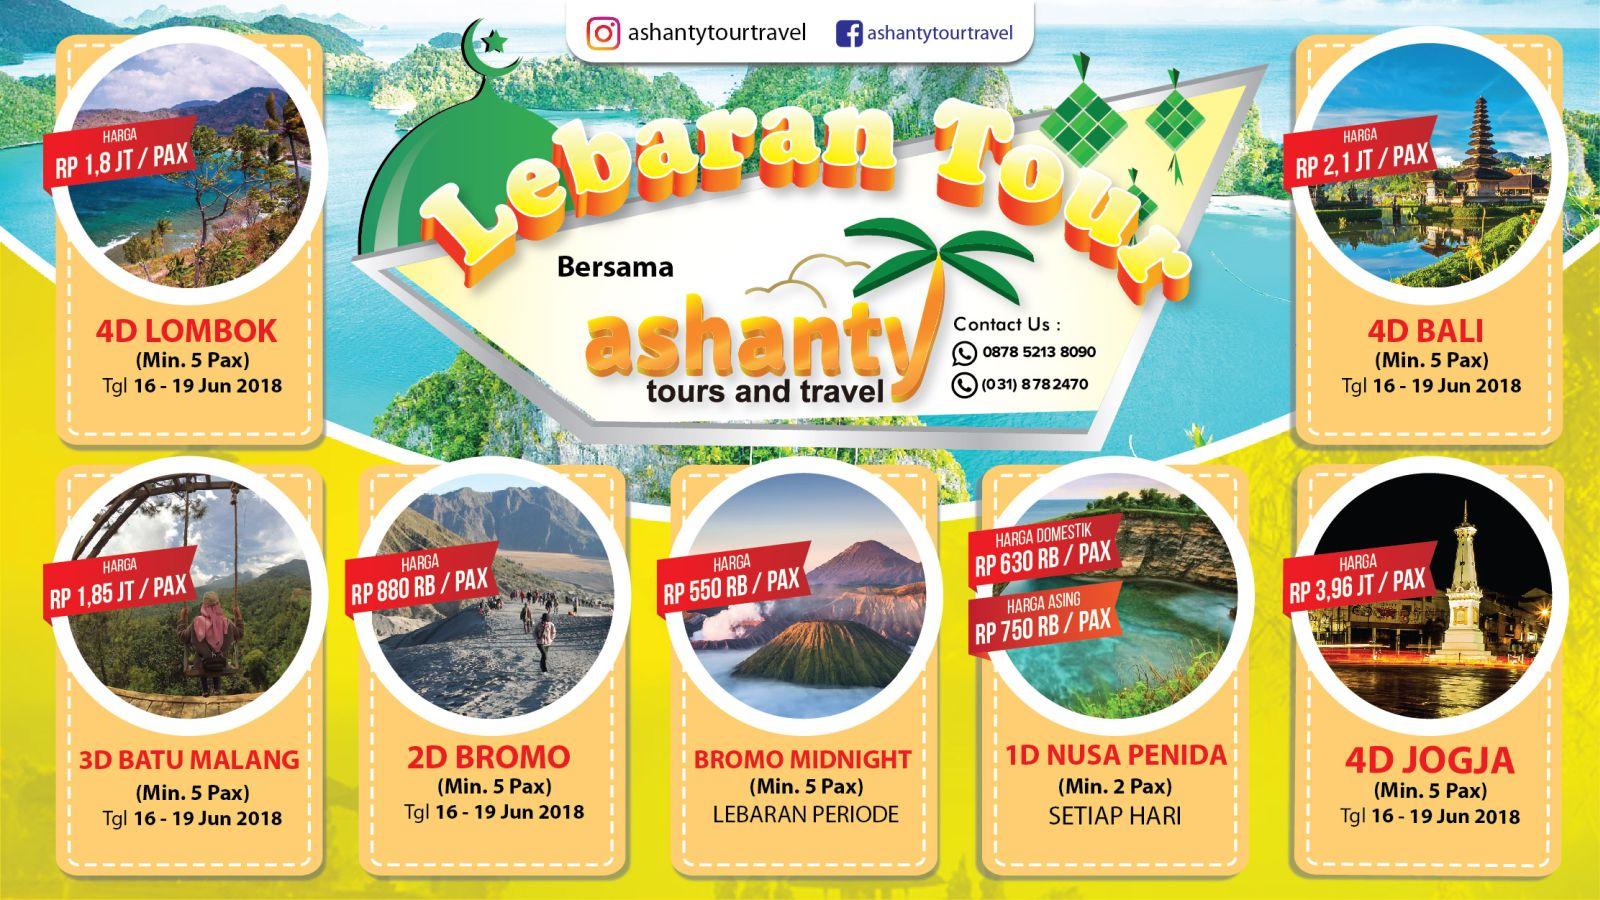 paket promo ultah ashanty tour 2018